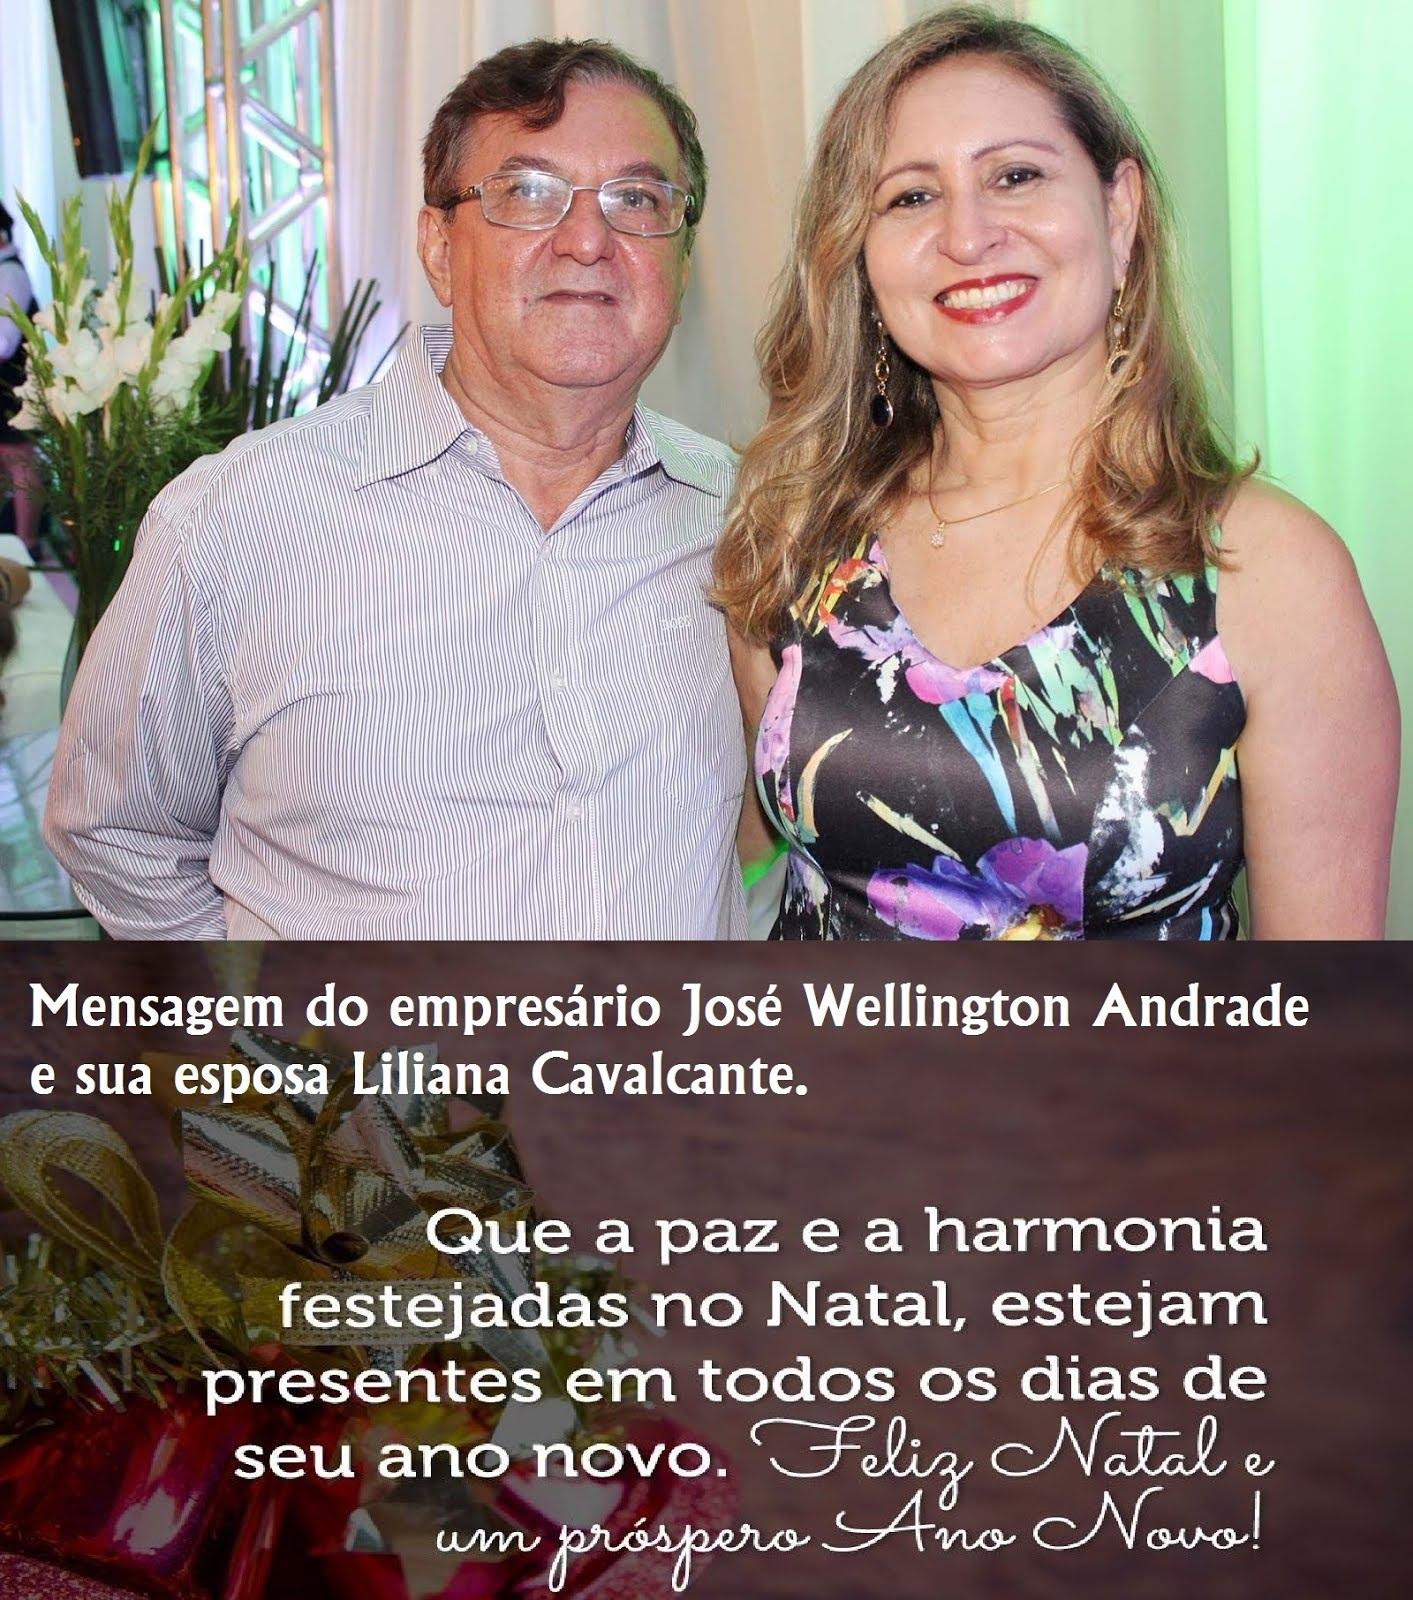 MENSAGEM DO EMPRESÁRIO JOSÉ WELLINGTON E LILIANA CAVALCANTE